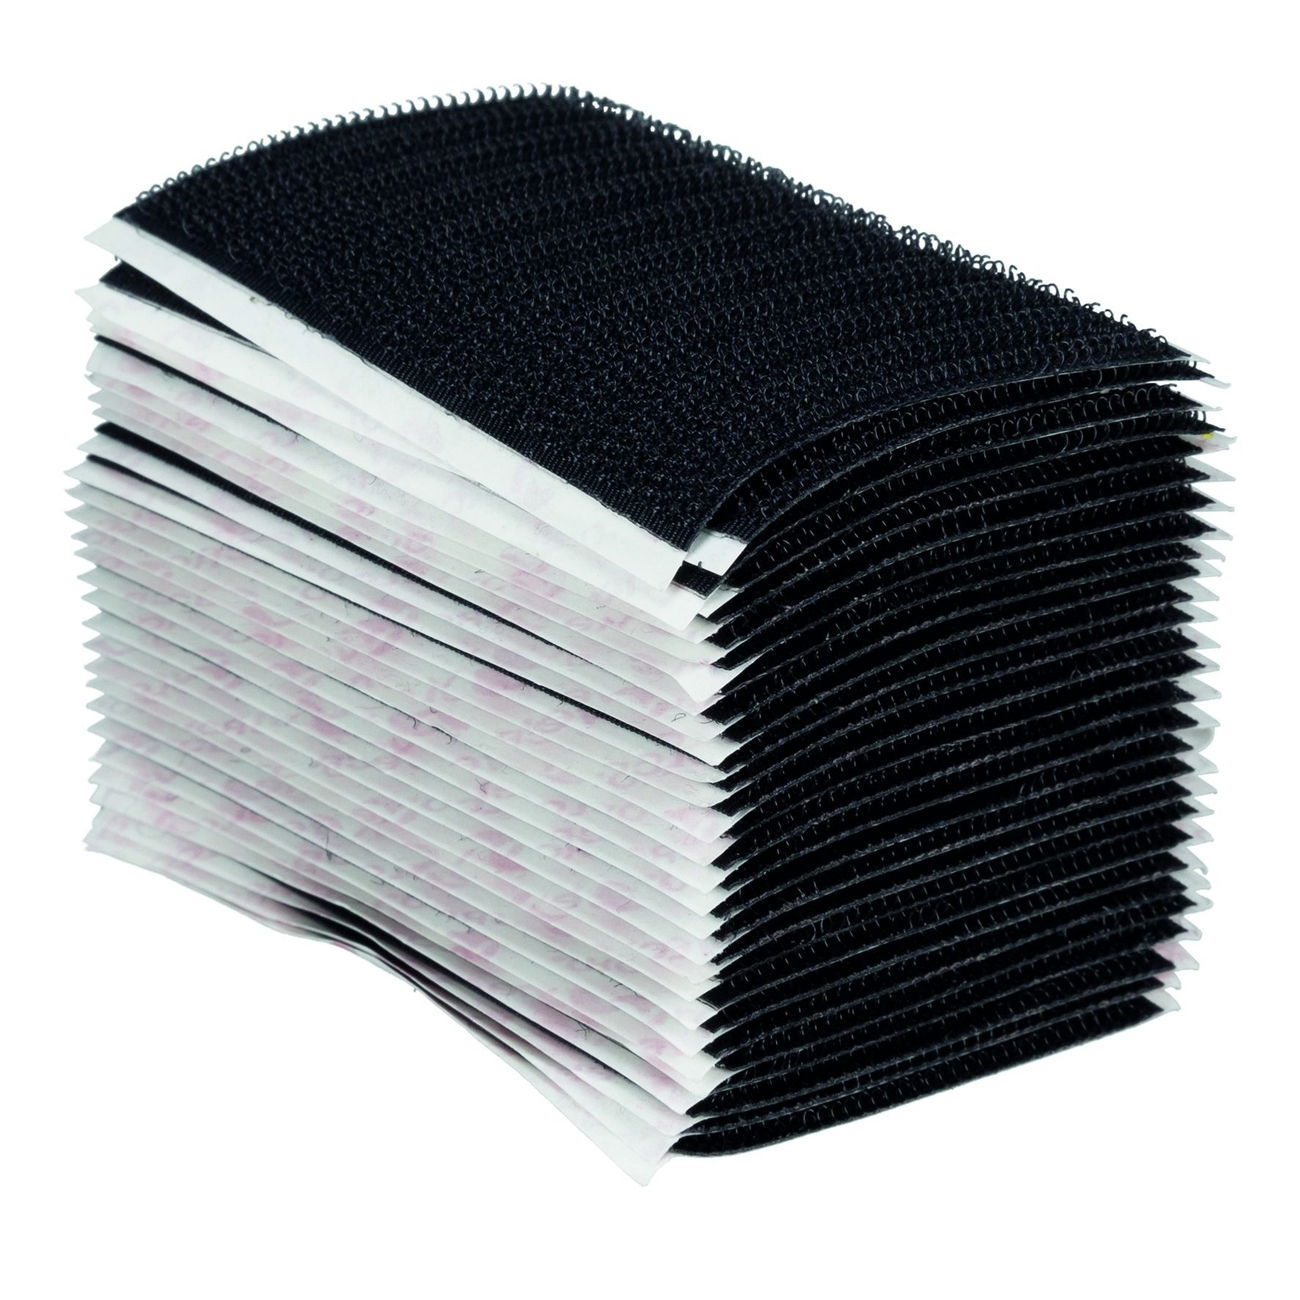 Trixie Innenverkleidung für Aluboxen von 03-39343TI, Bild 6